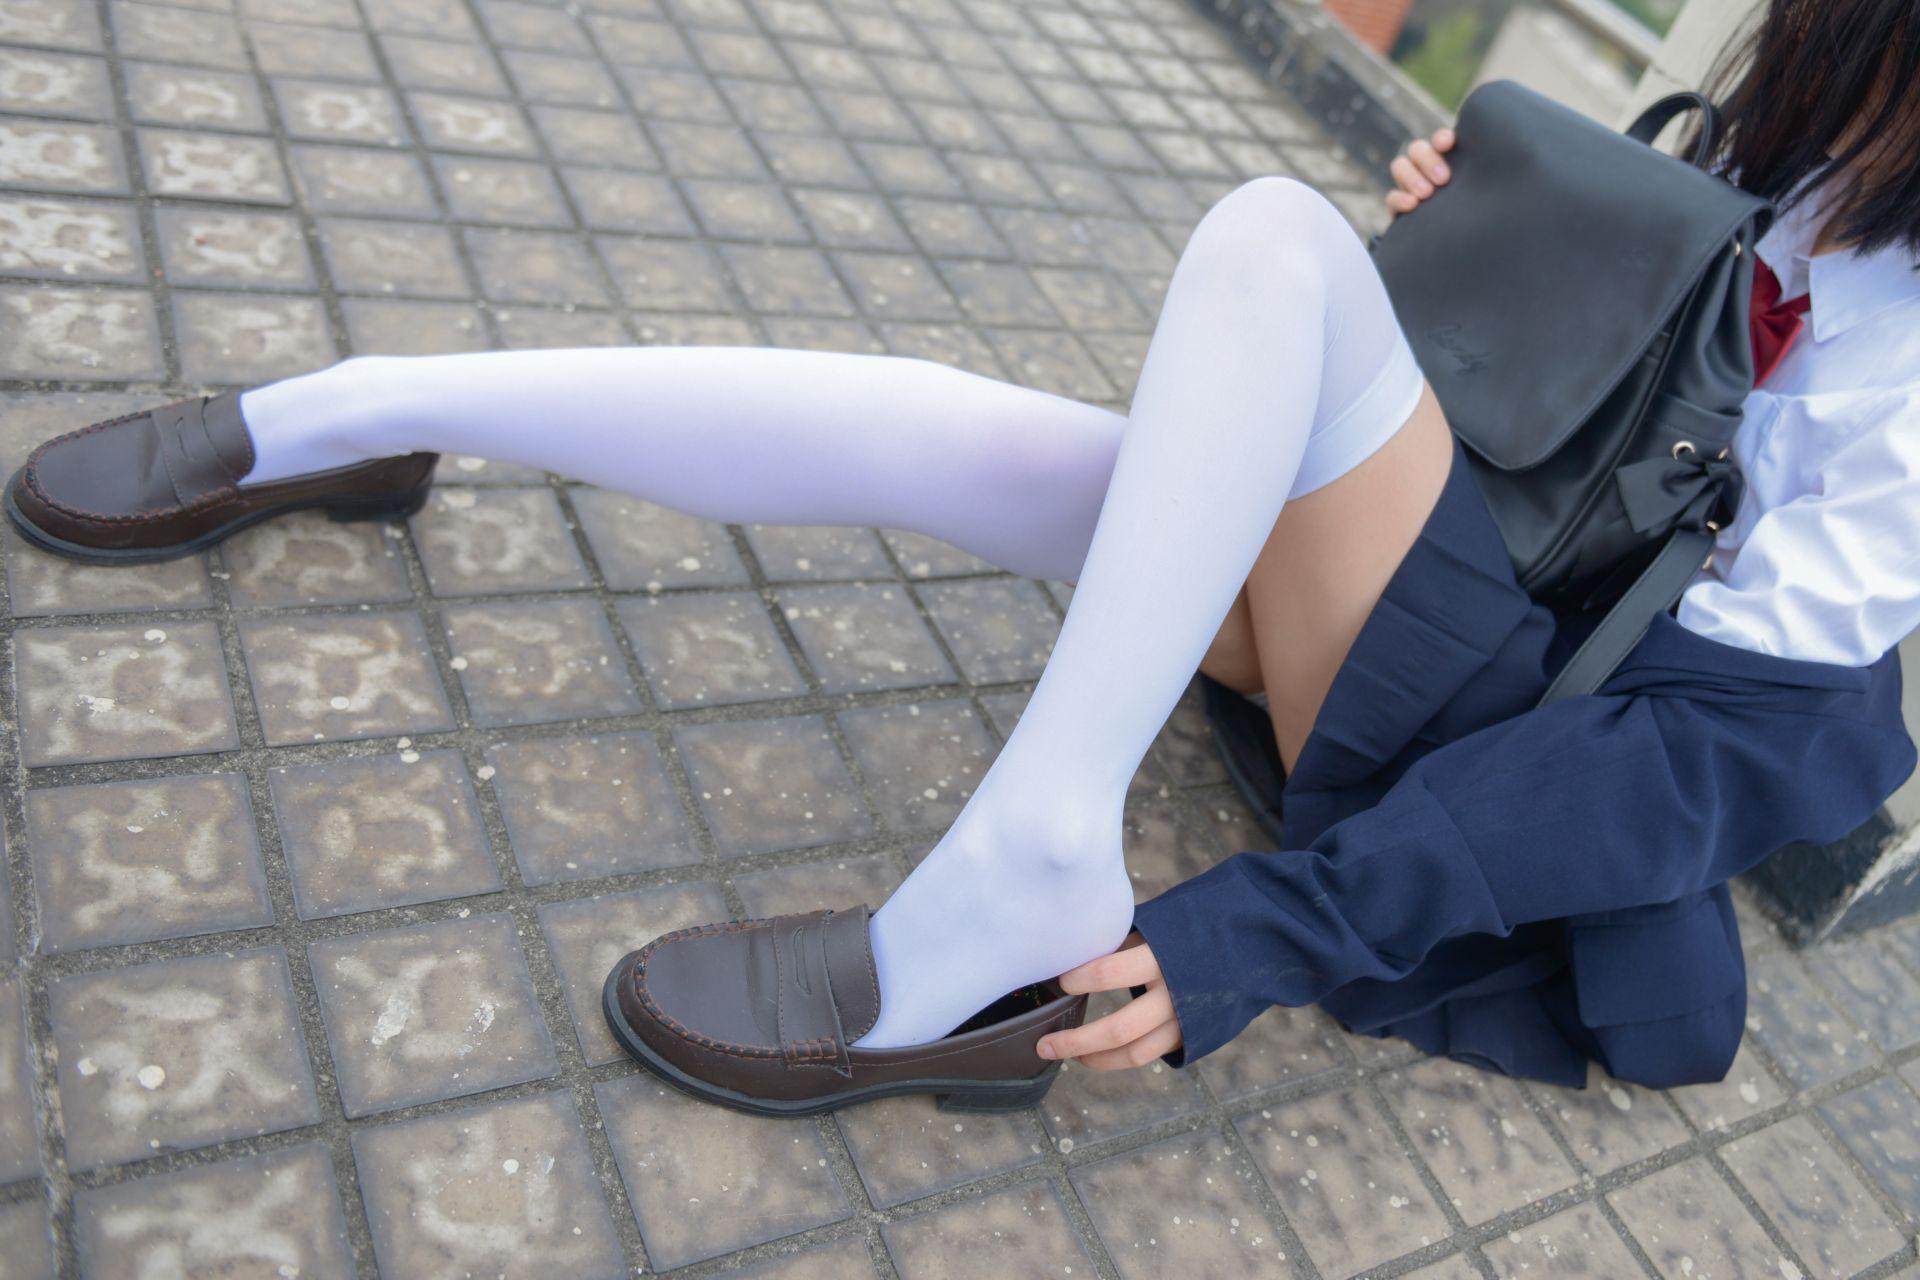 少女秩序 VOL.013 放学游戏PLAY 兔玩映画 第3张